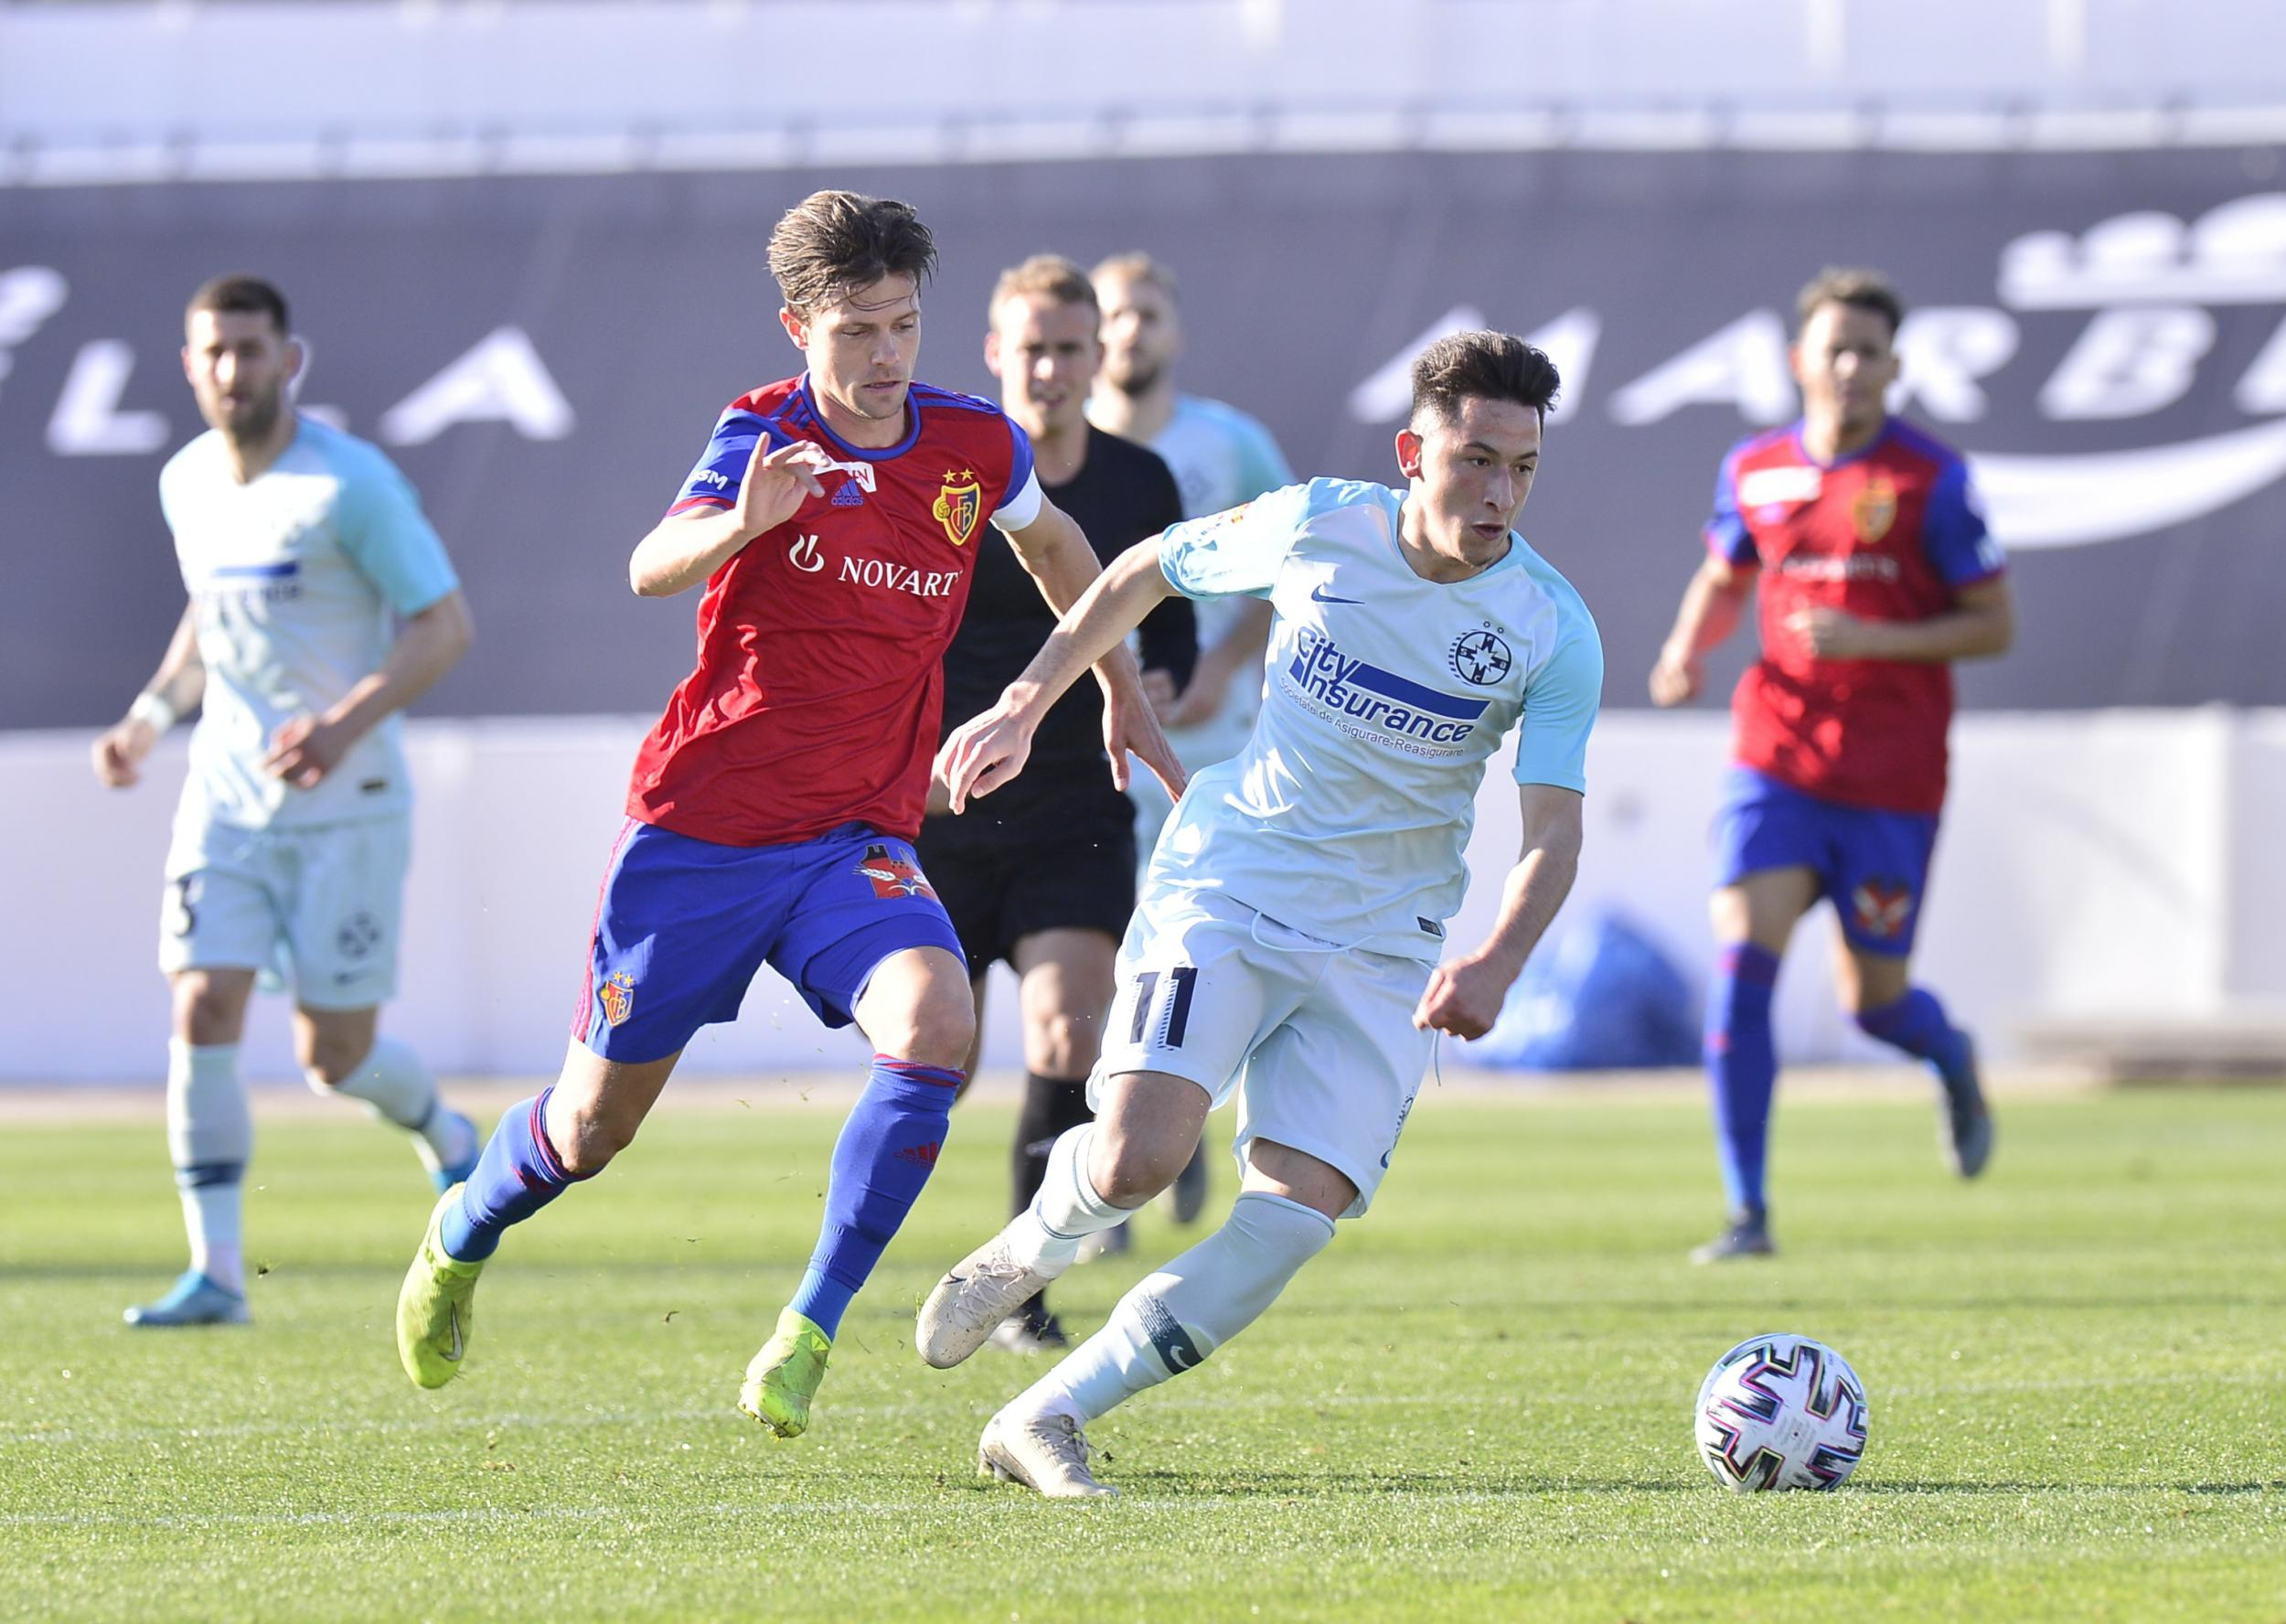 FCSB - FC BASEL 0-1